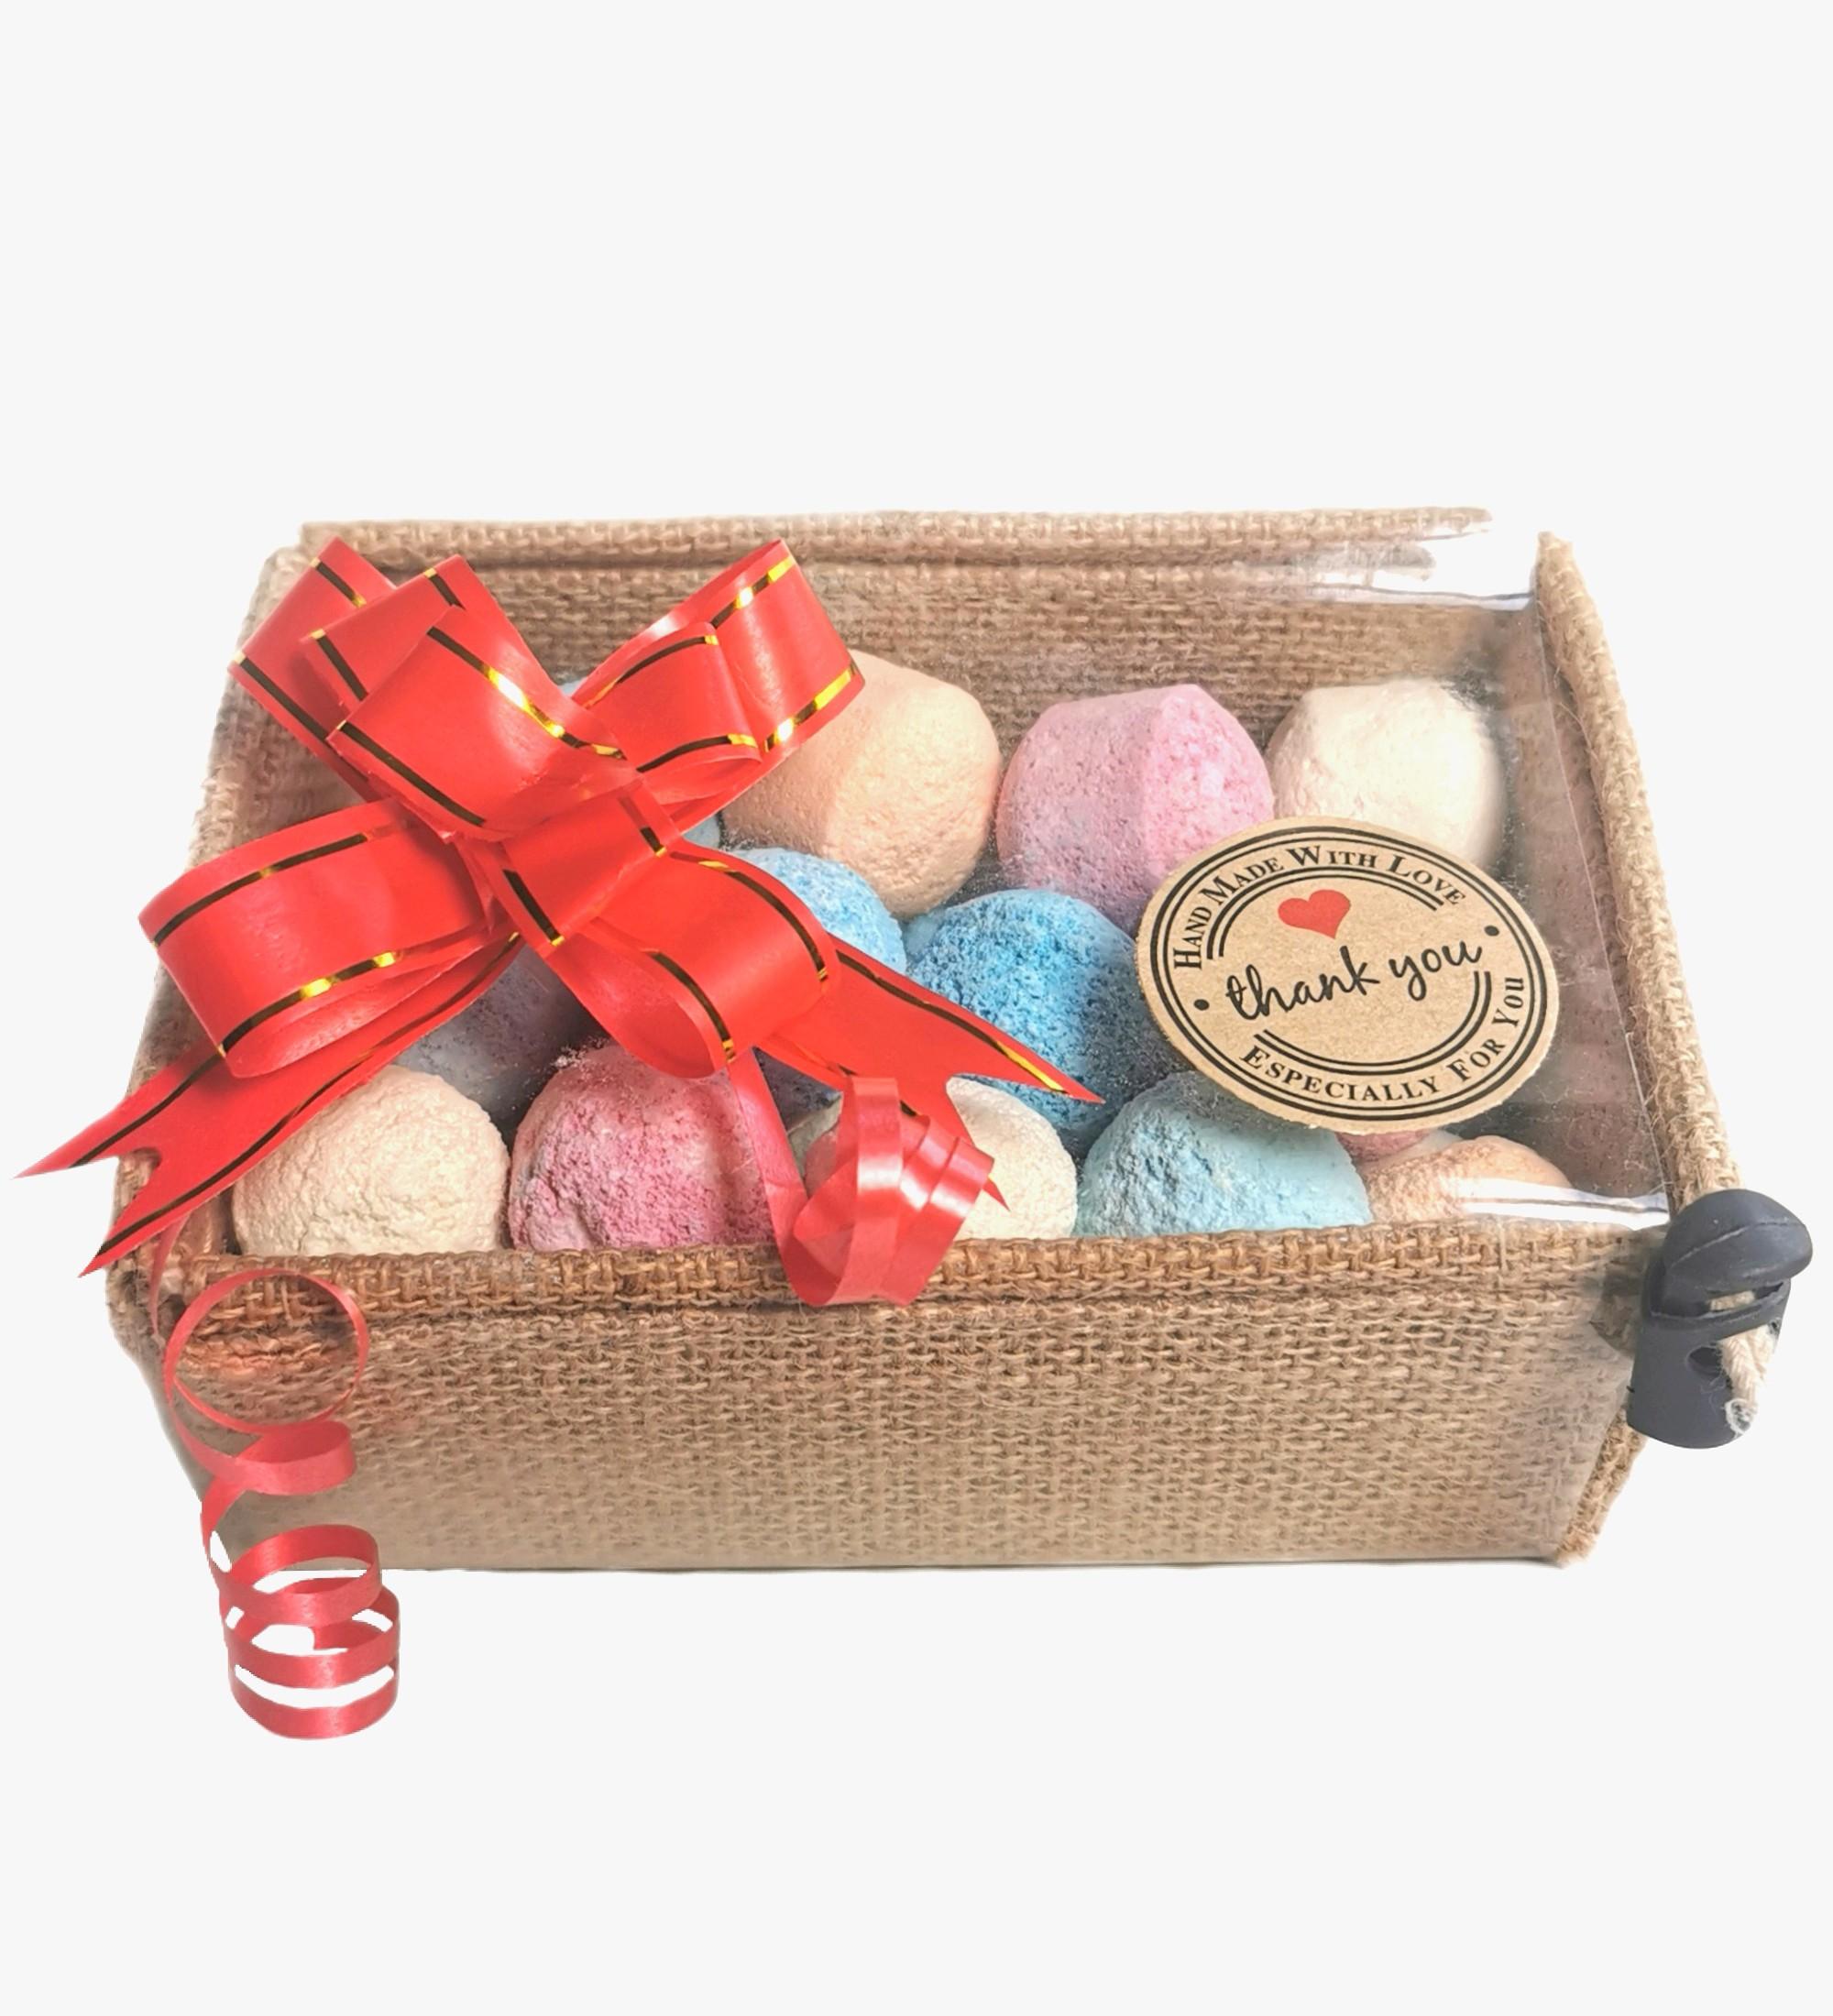 Handmade Chill Pills Bath Bombs Basket Set